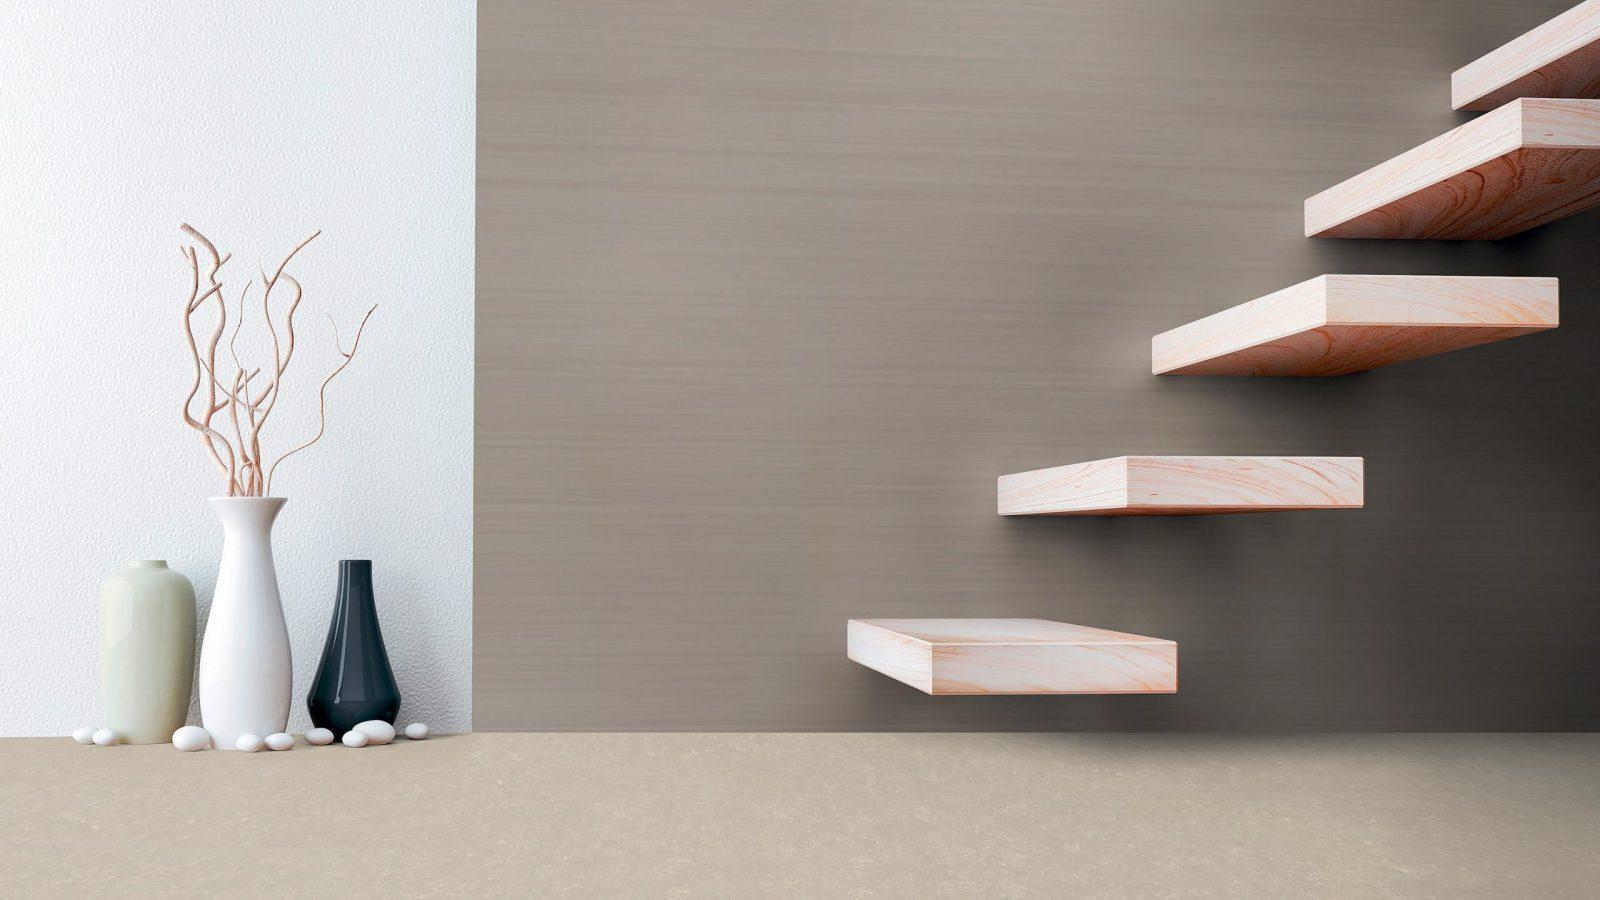 Linowall_Veneto_14872601_14010302 / linoleum flooring